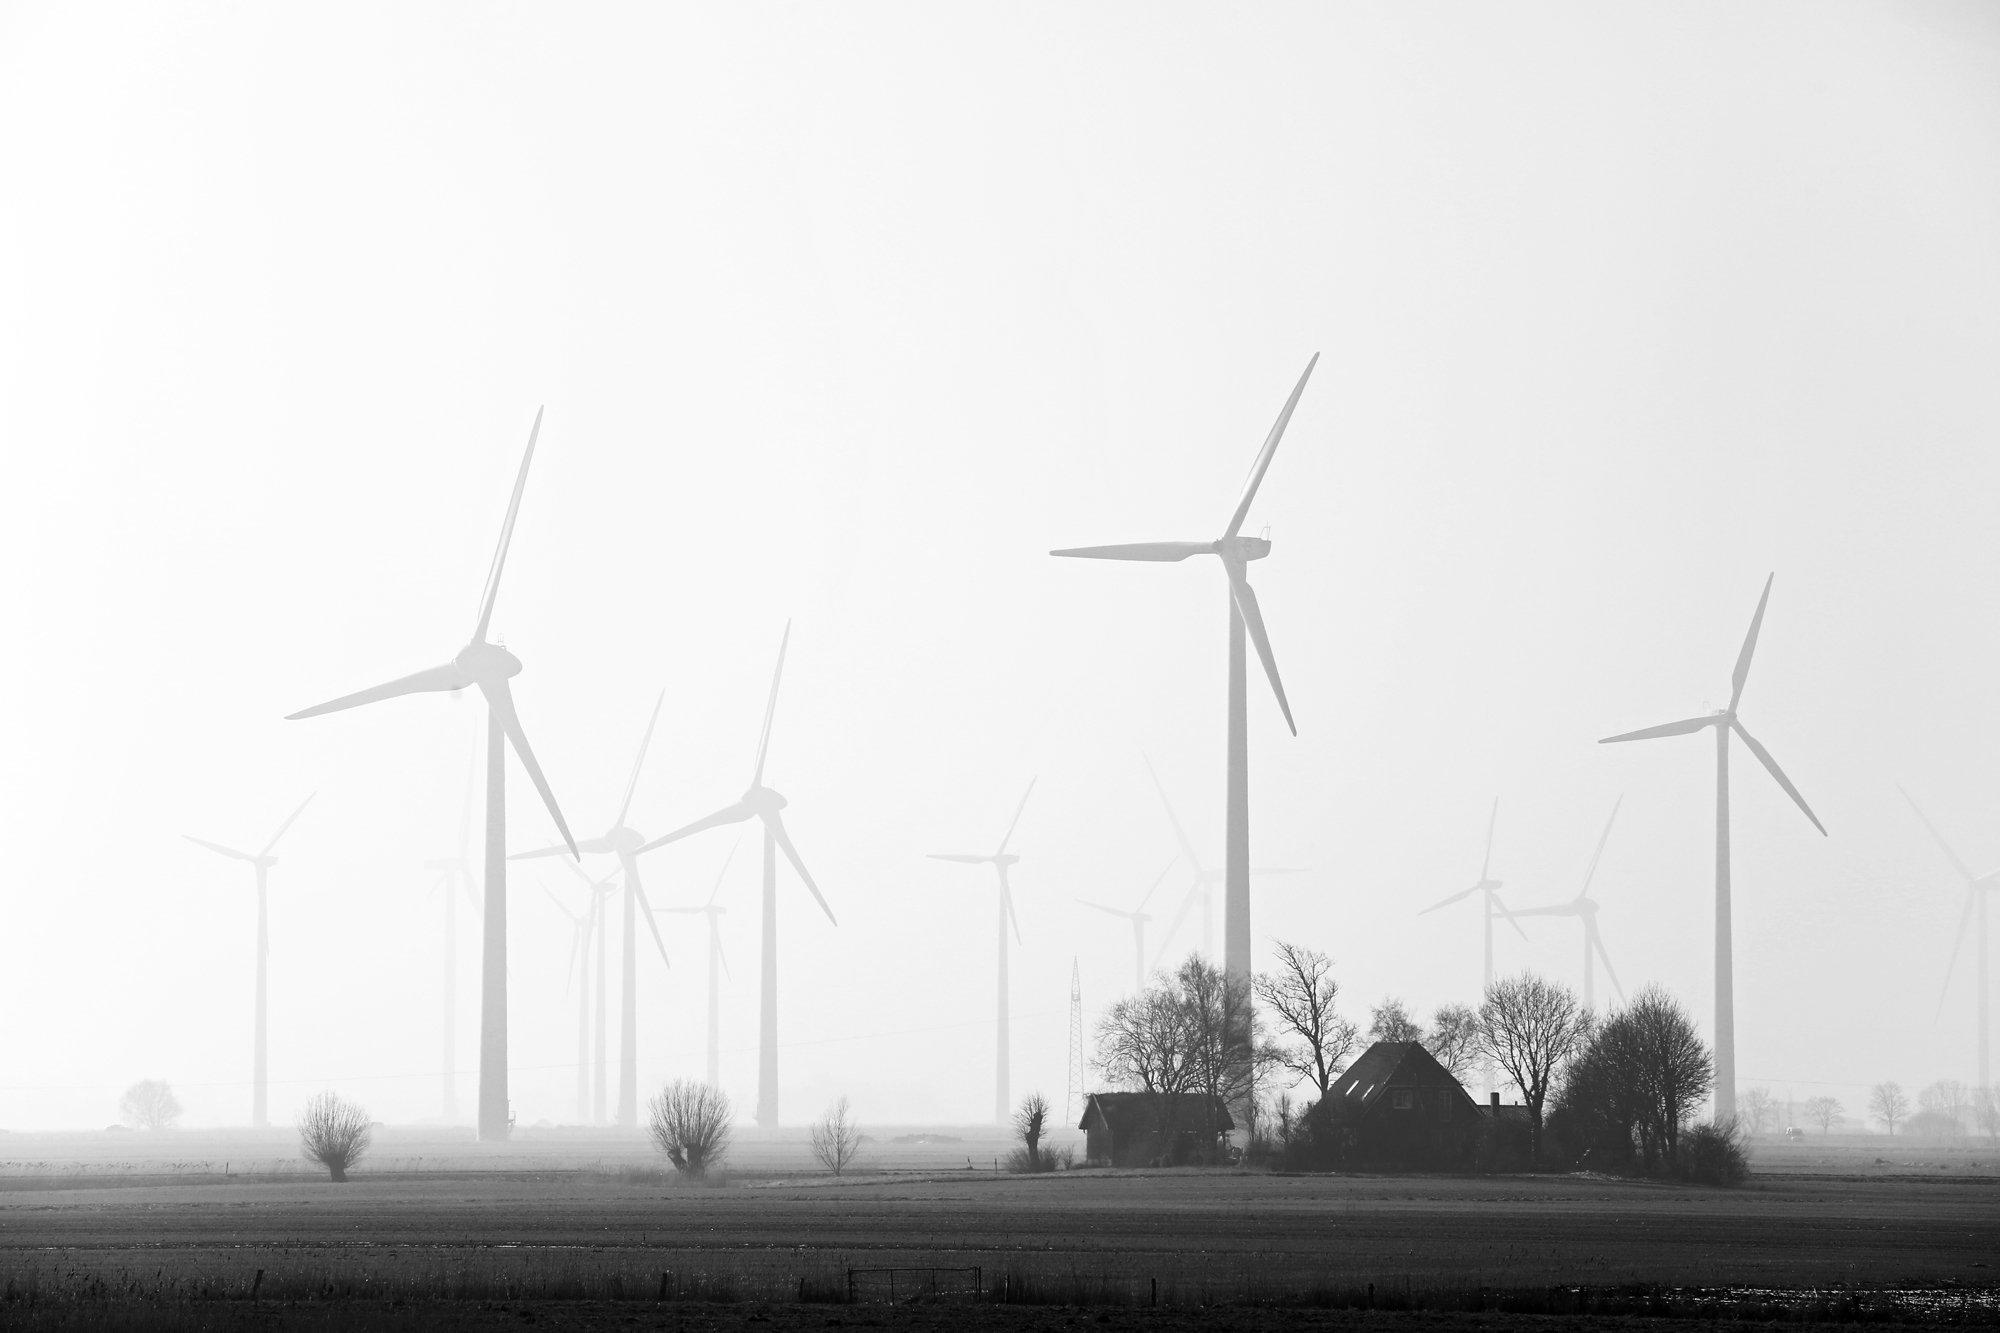 Schwarzweiß-Foto von Windrädern und Bauernhäusern in Norddeutschland